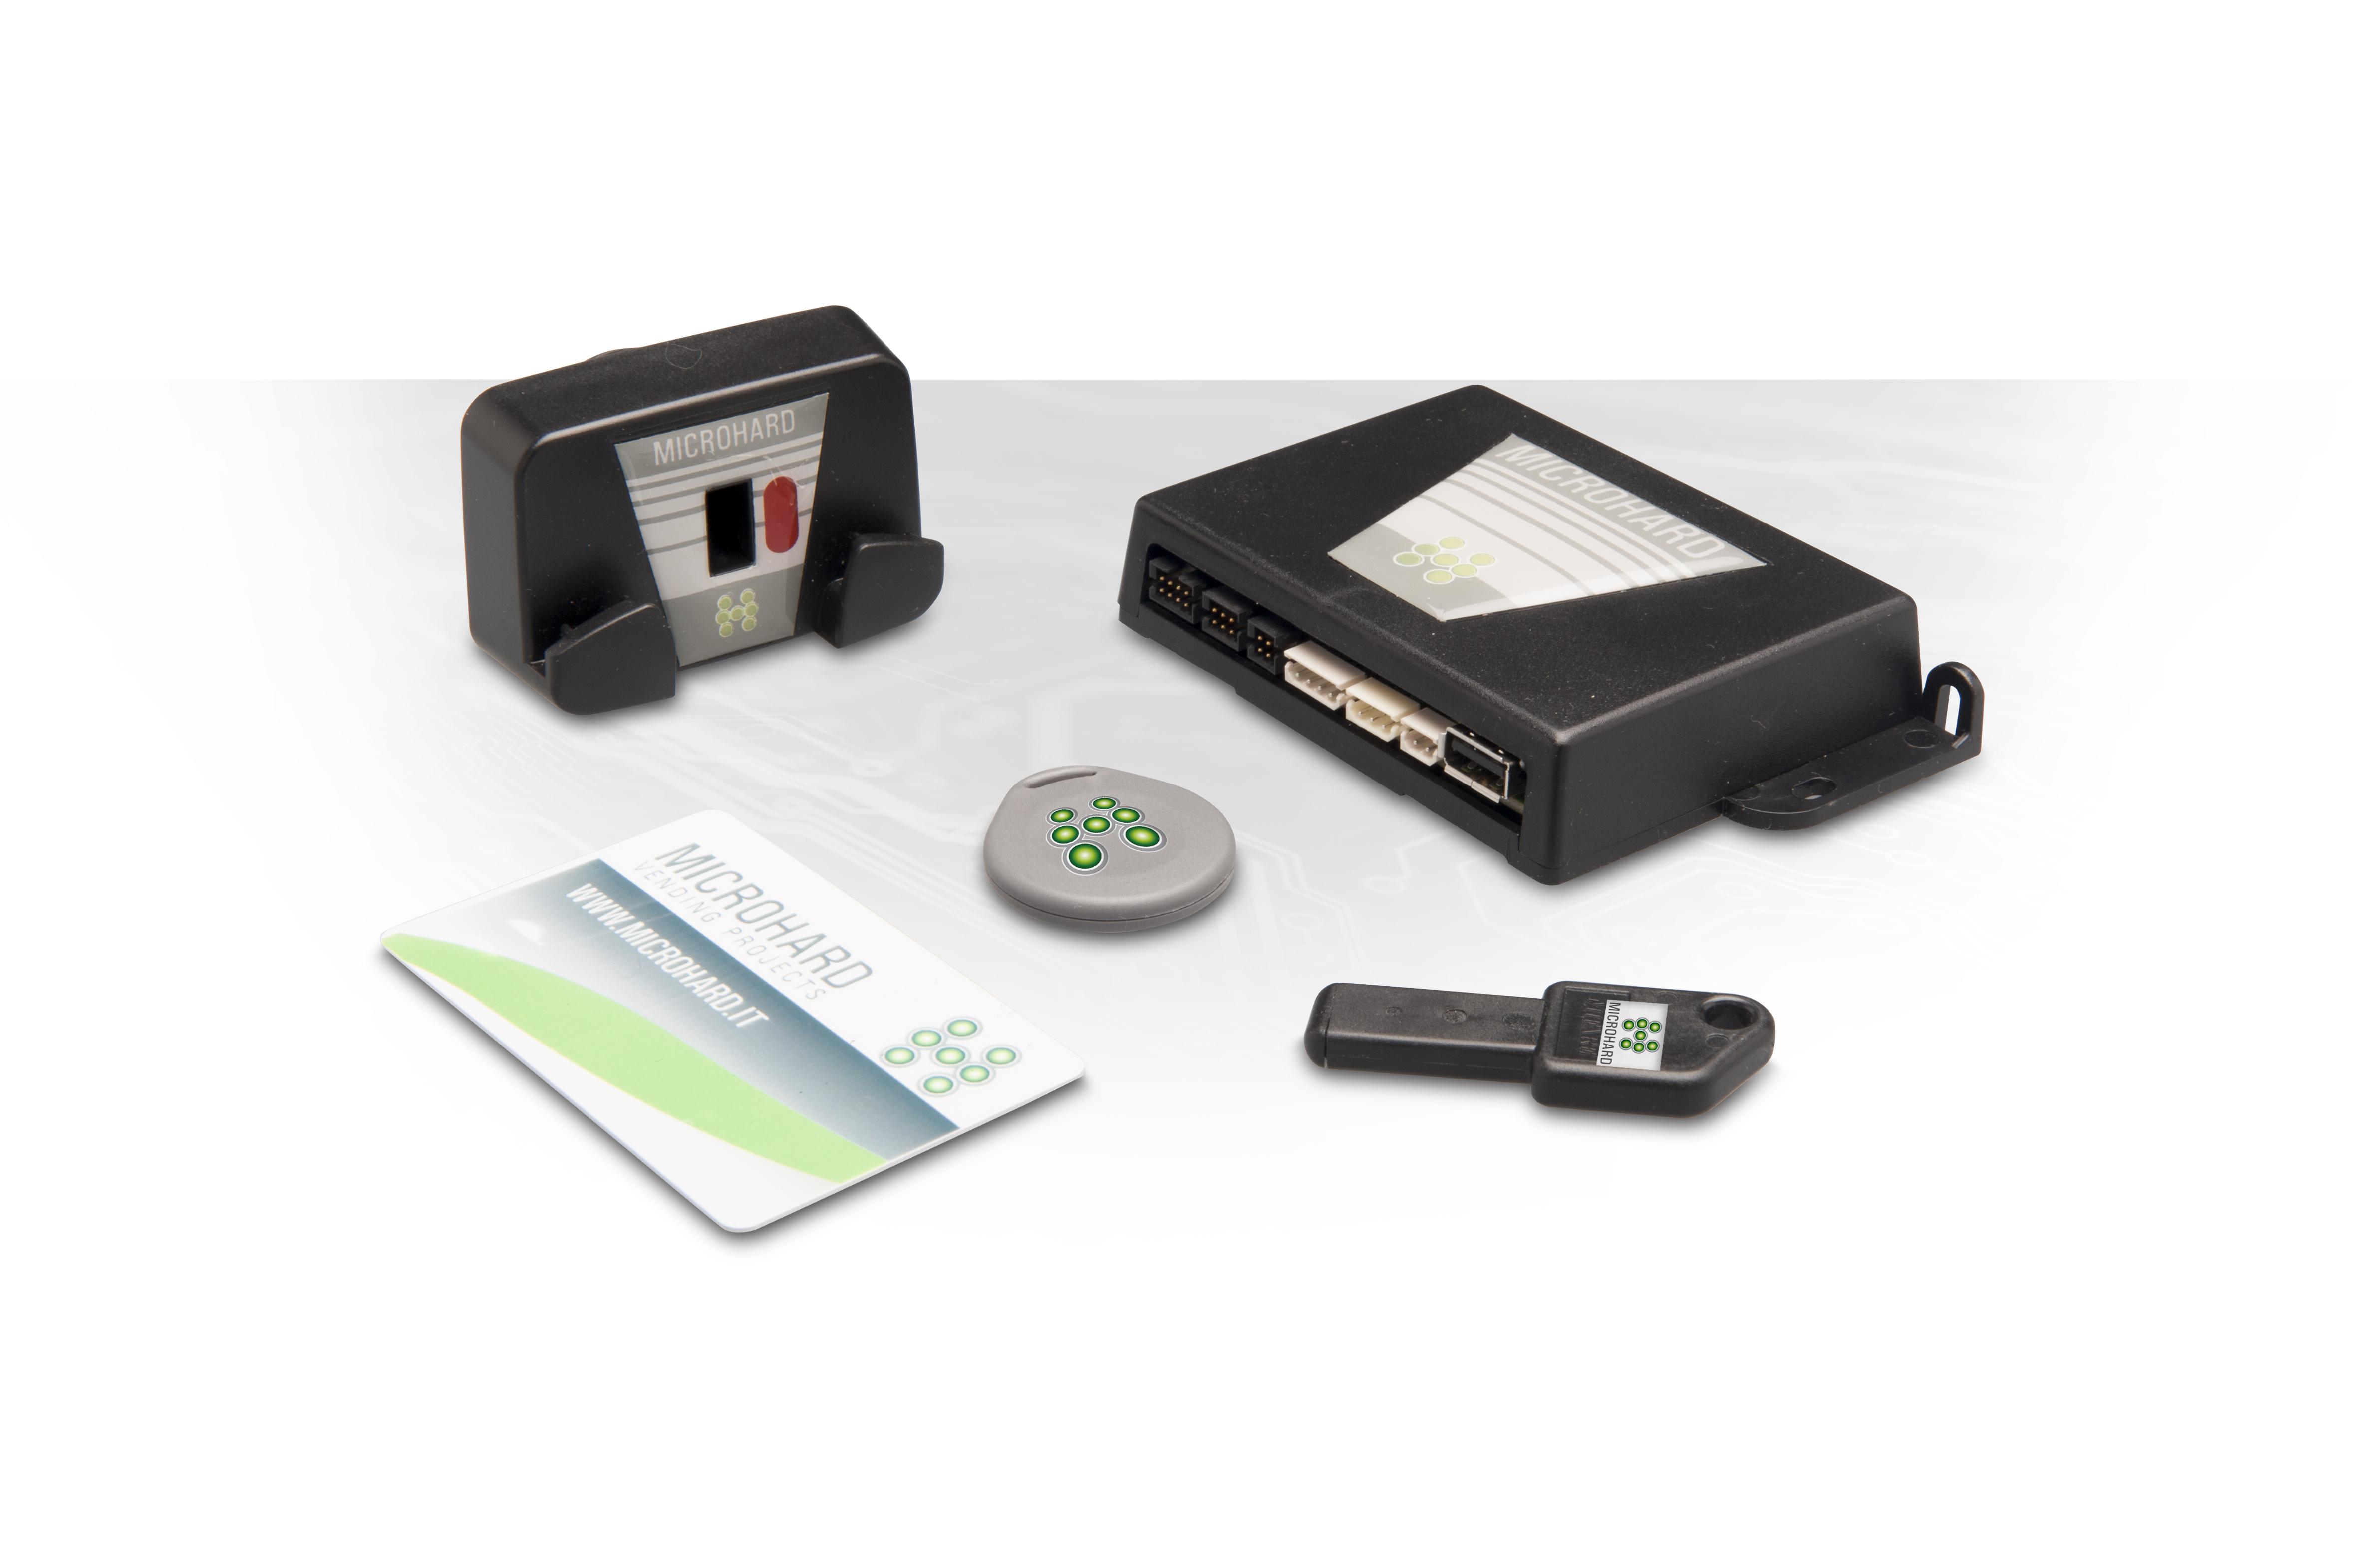 sistema pagamento cashless Paykey pk3